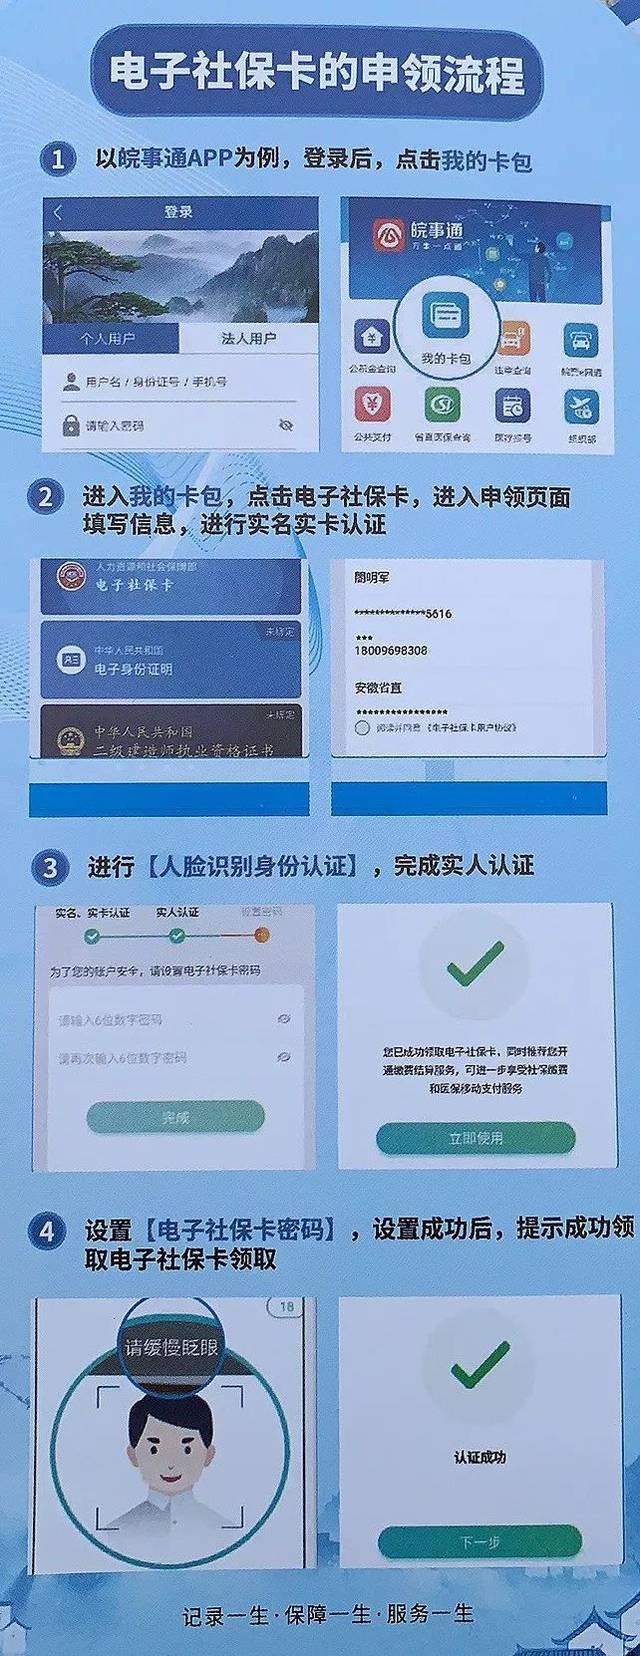 安徽安徽省职工社保系统财务软件奖励地市硬件设备采购项目招标公告